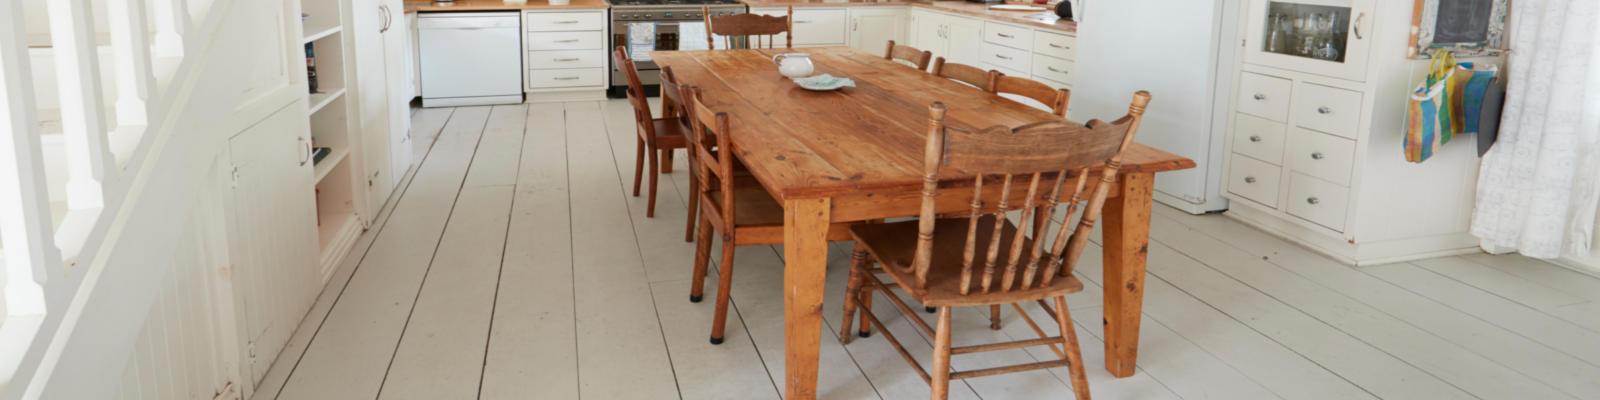 LMT Design - Massivholz Esstisch und Stühle